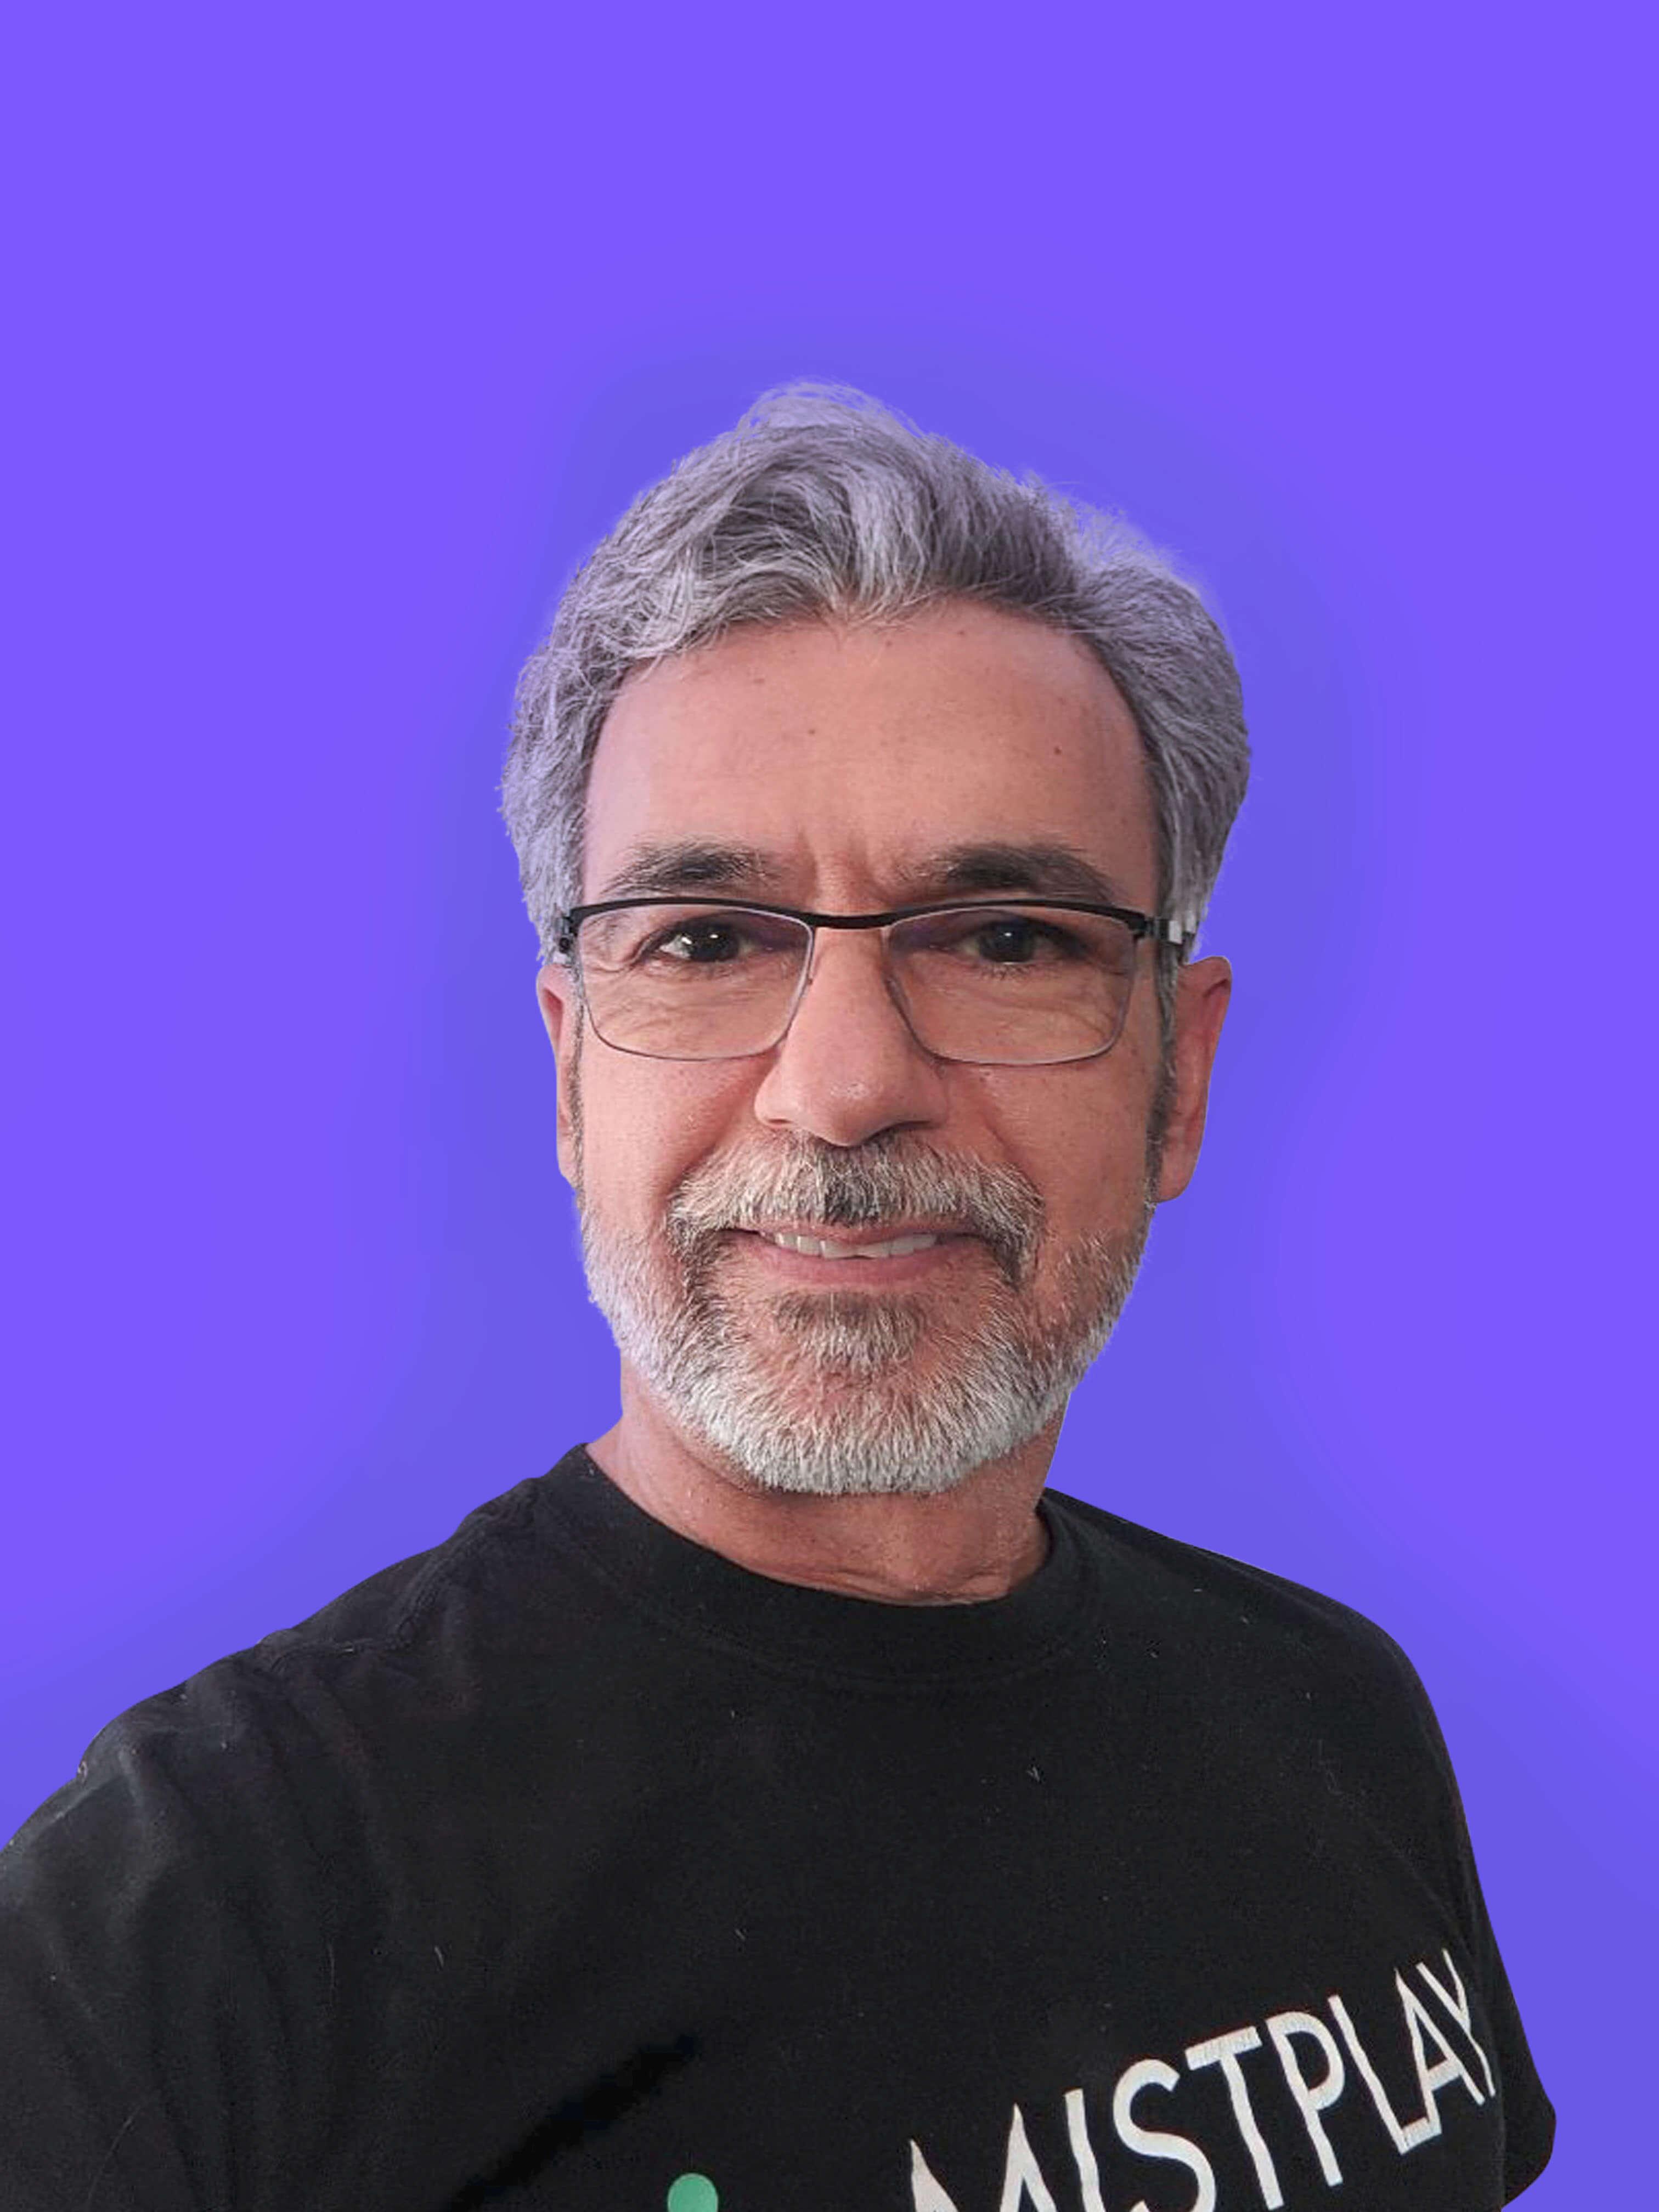 Photo du co-fondateur de Mistplay, Charles Machanlani